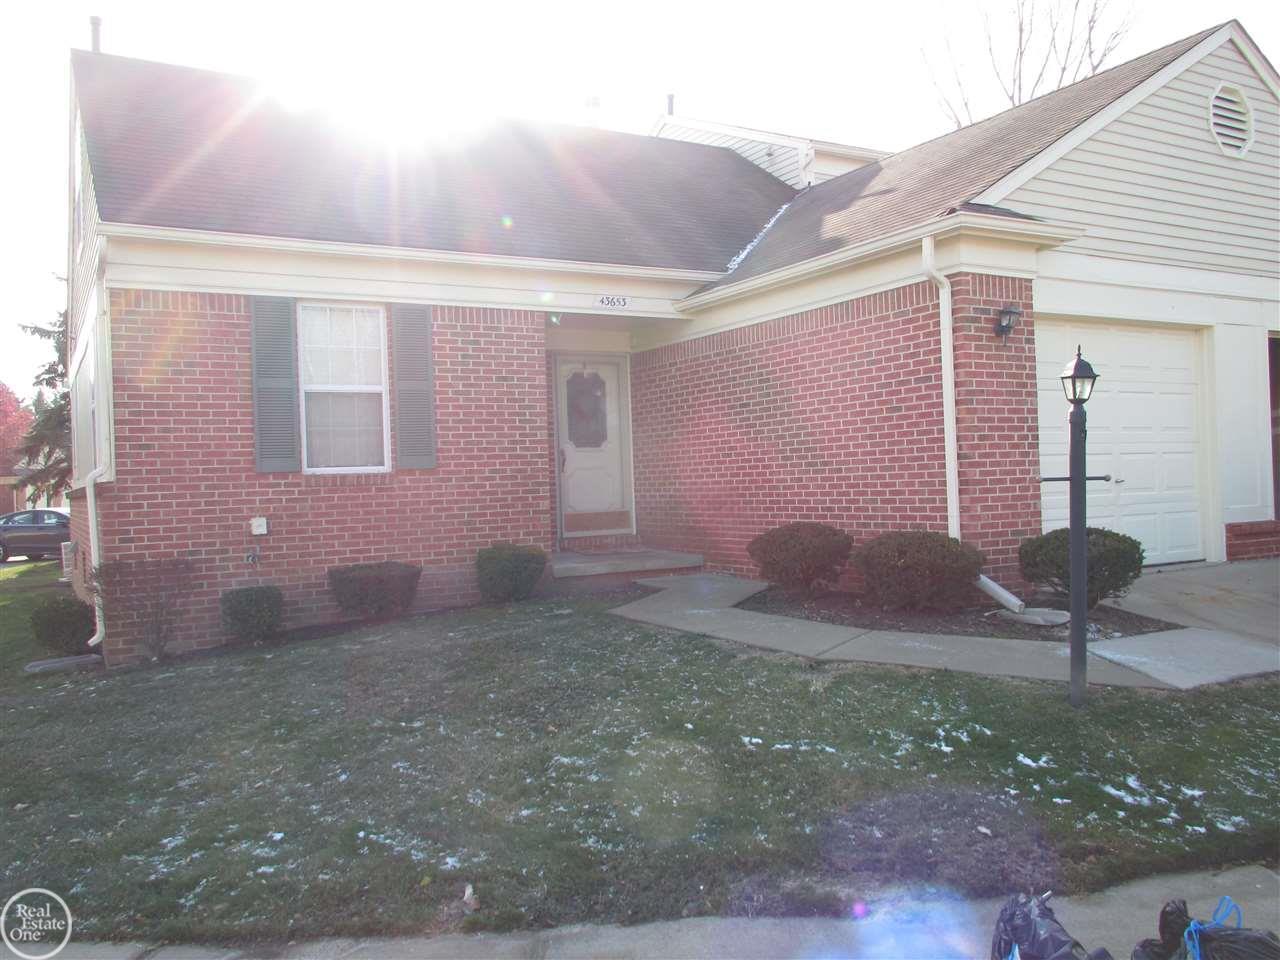 43653 Yorkville Court, # 0